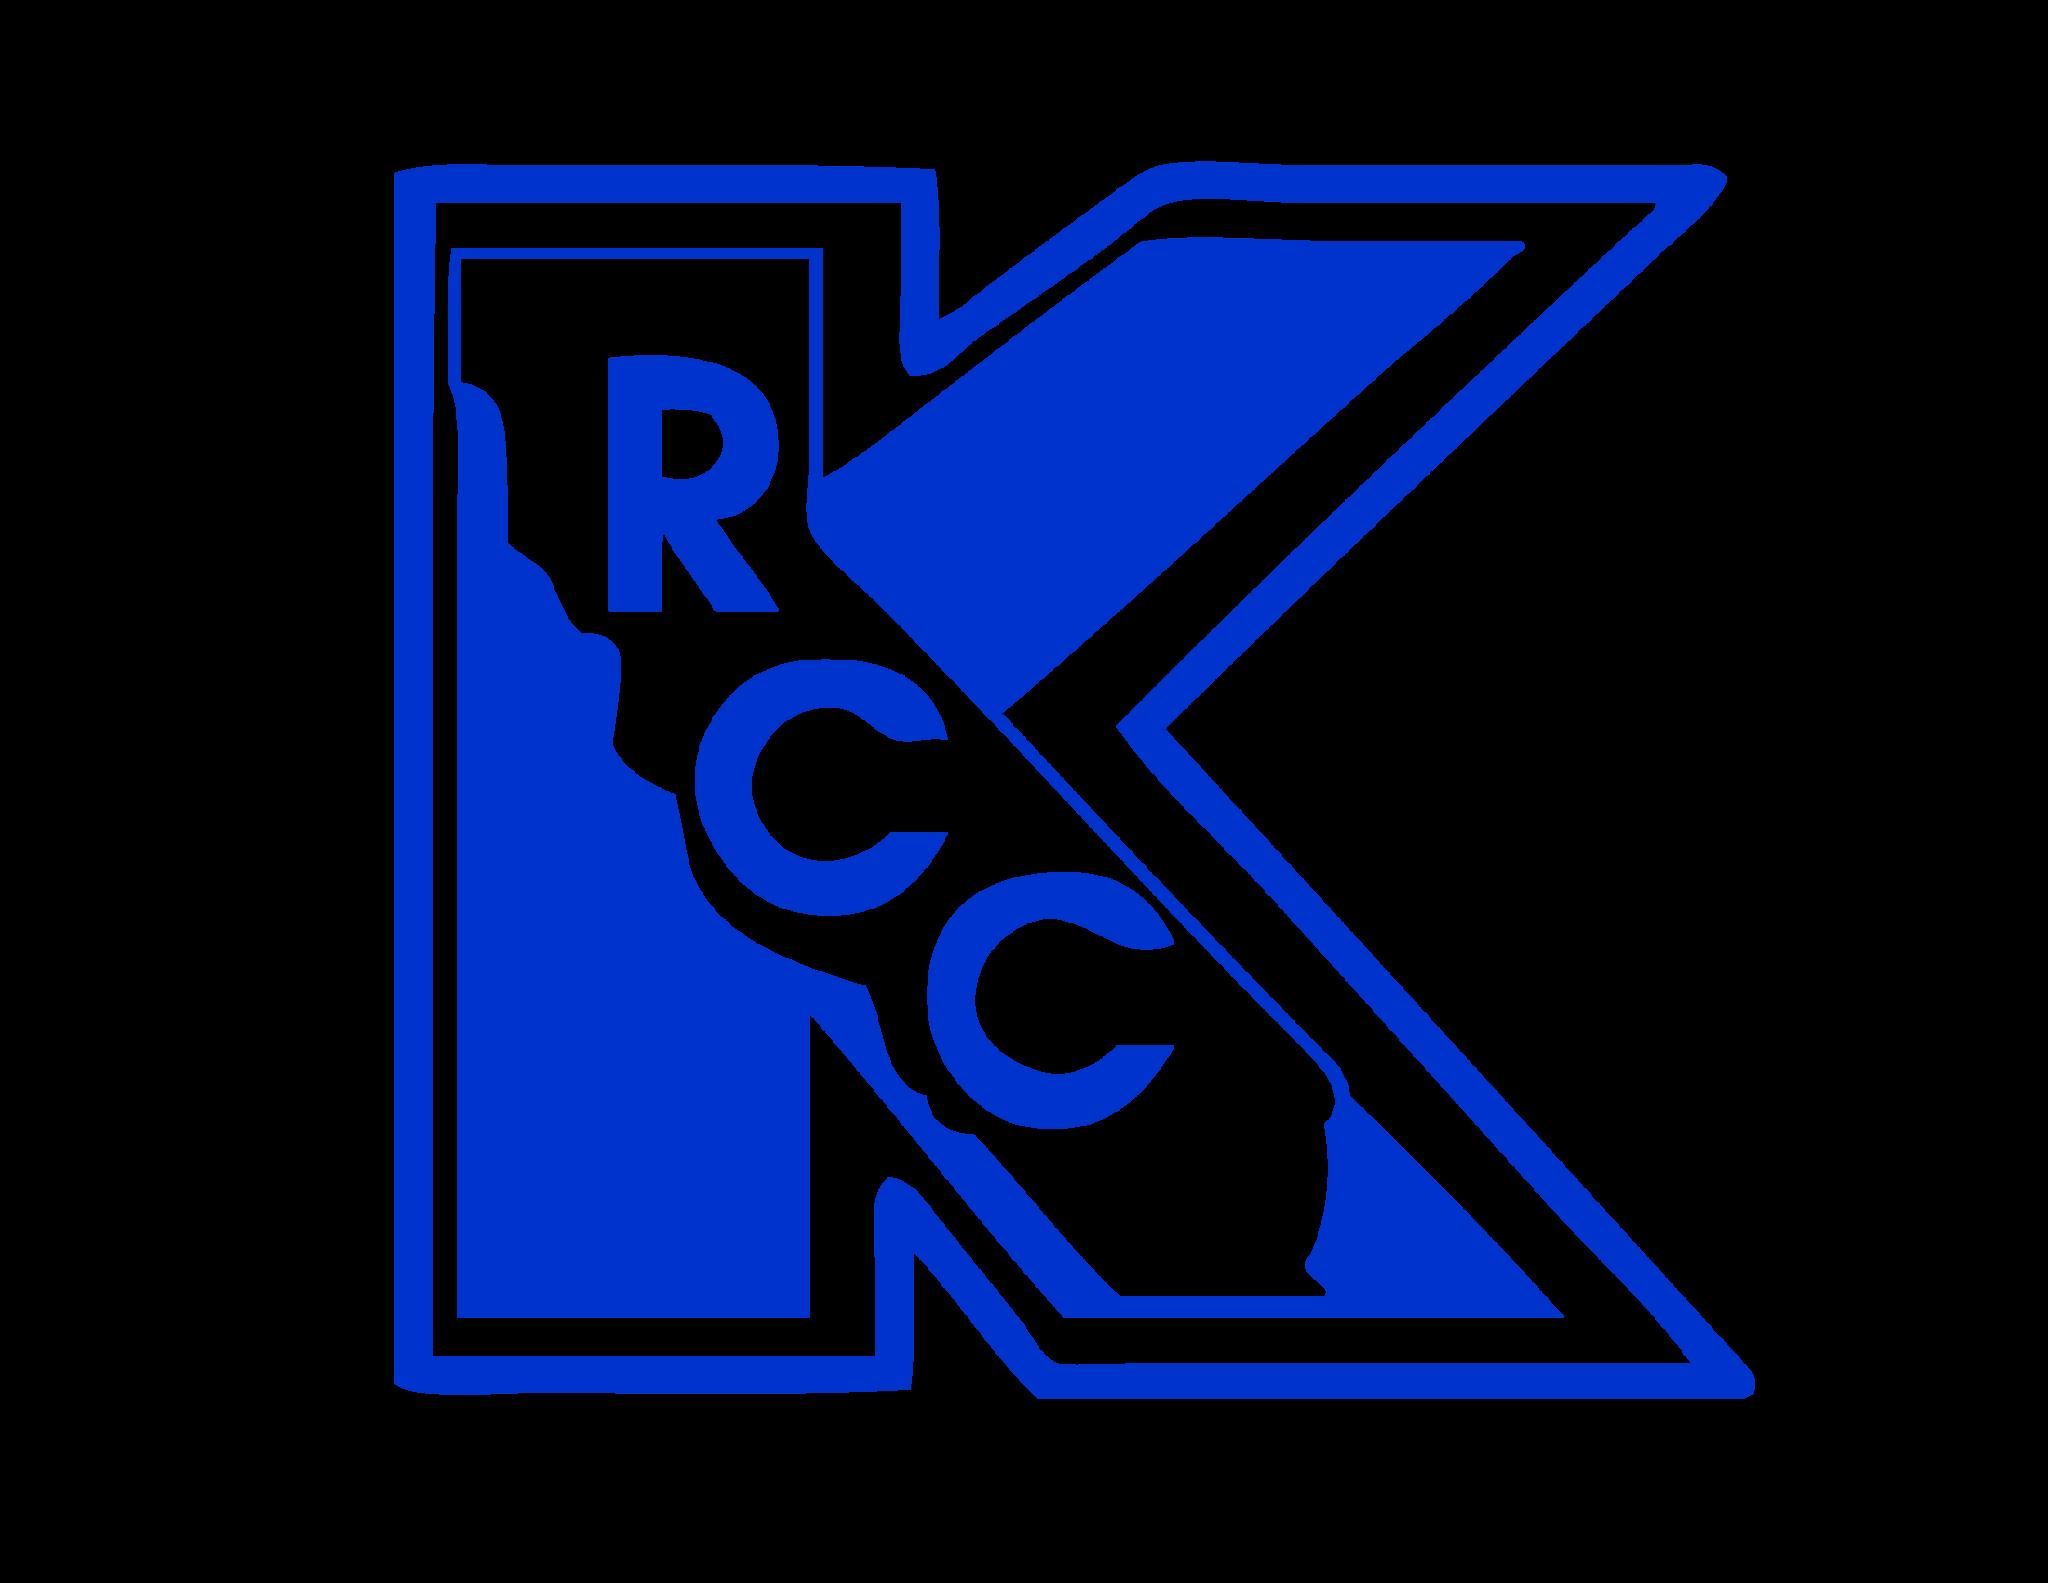 RCC_Kosher.png